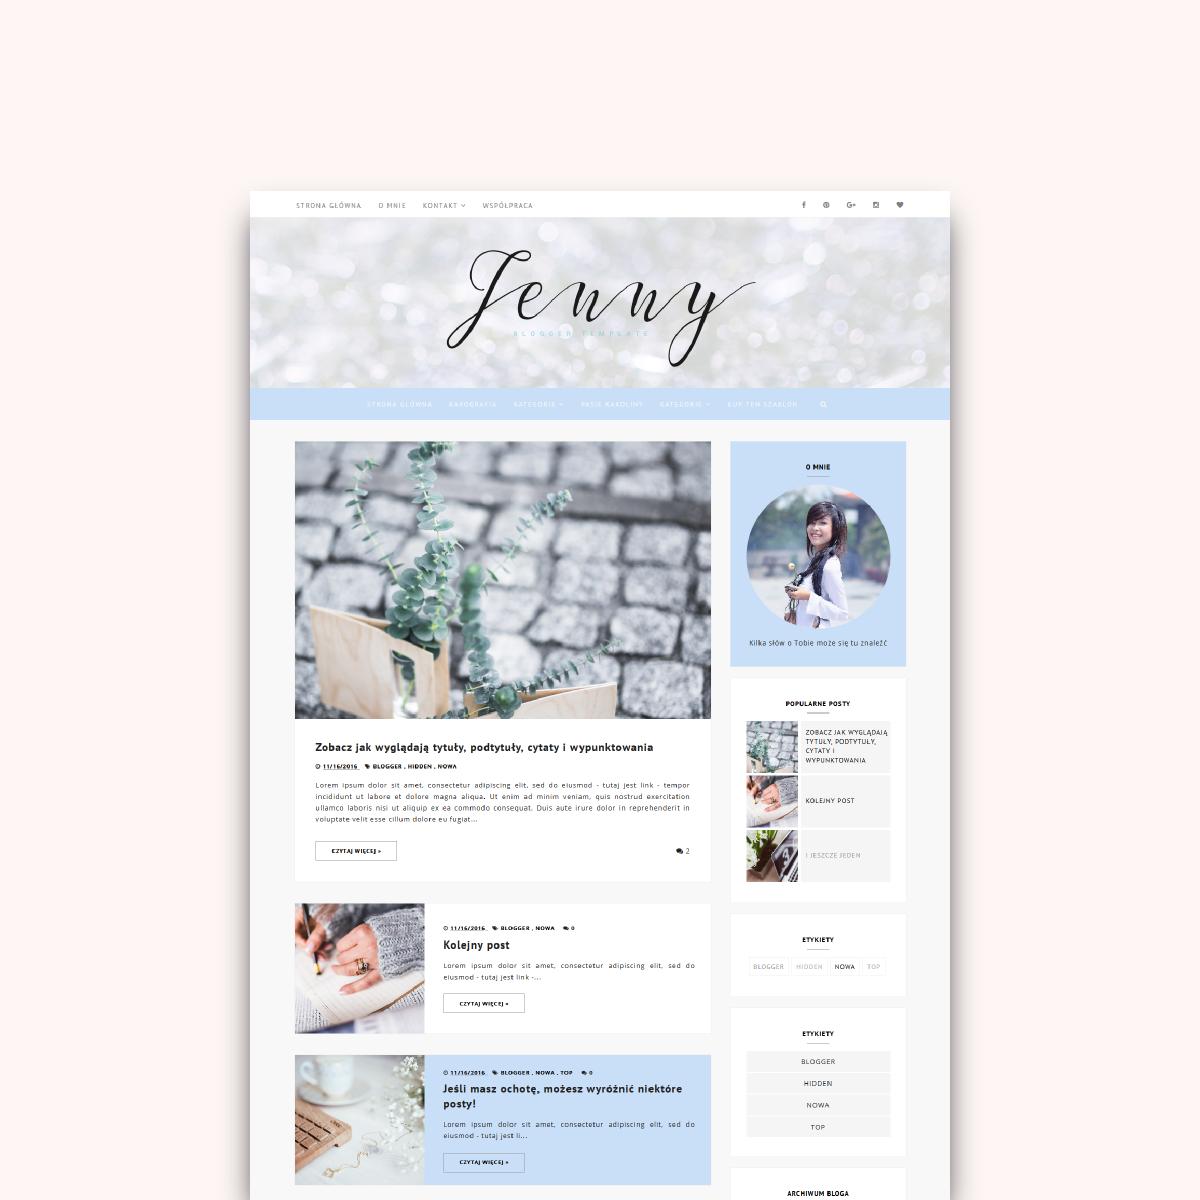 Szablon na bloggera (blogspota) do kupienia - elegancka JENNY